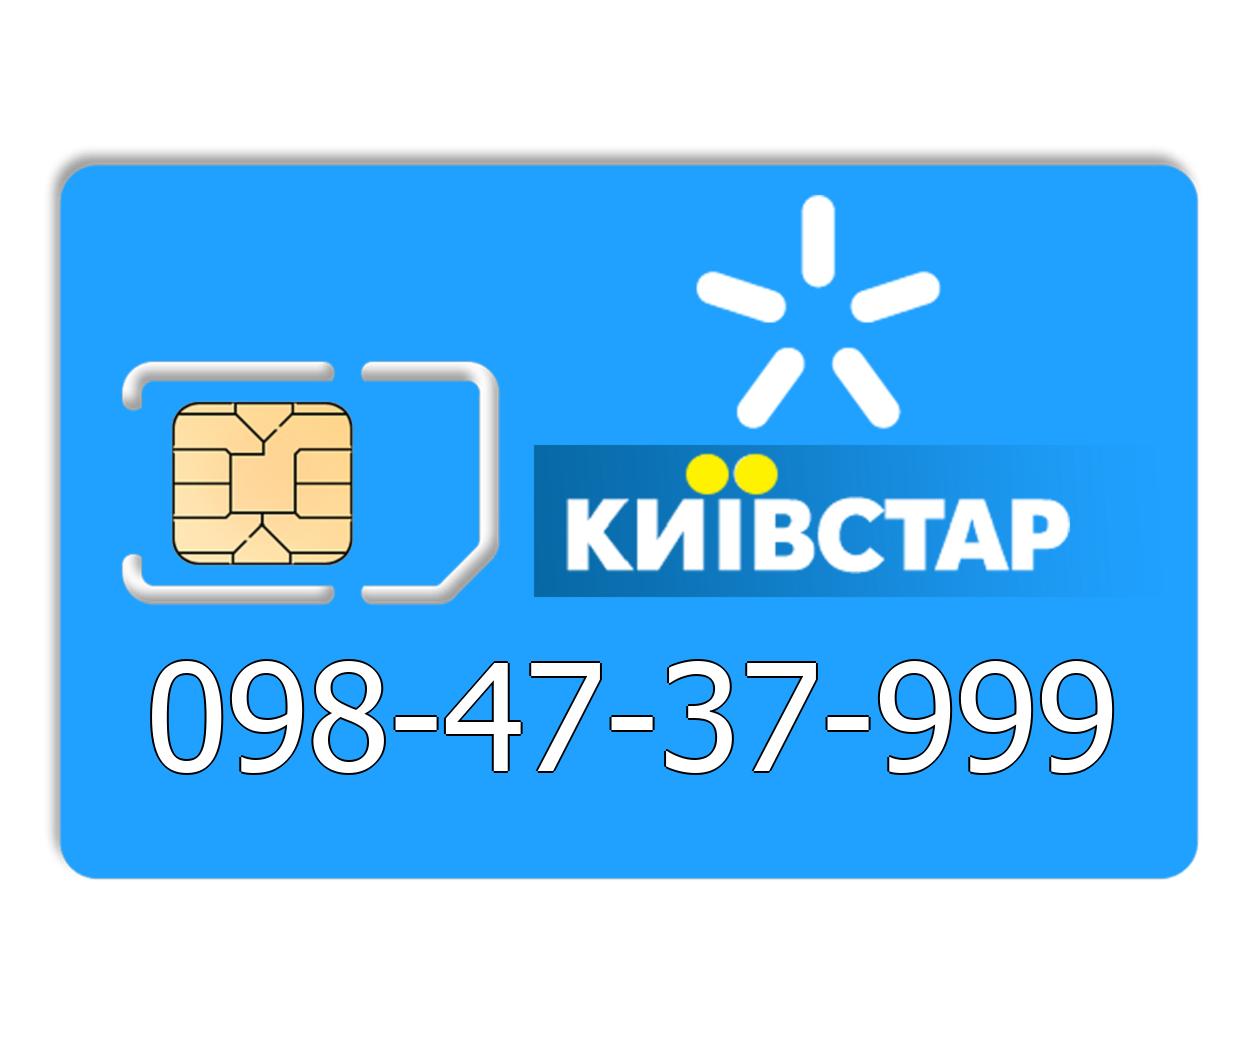 Красивый номер Киевстар 098-47-37-999